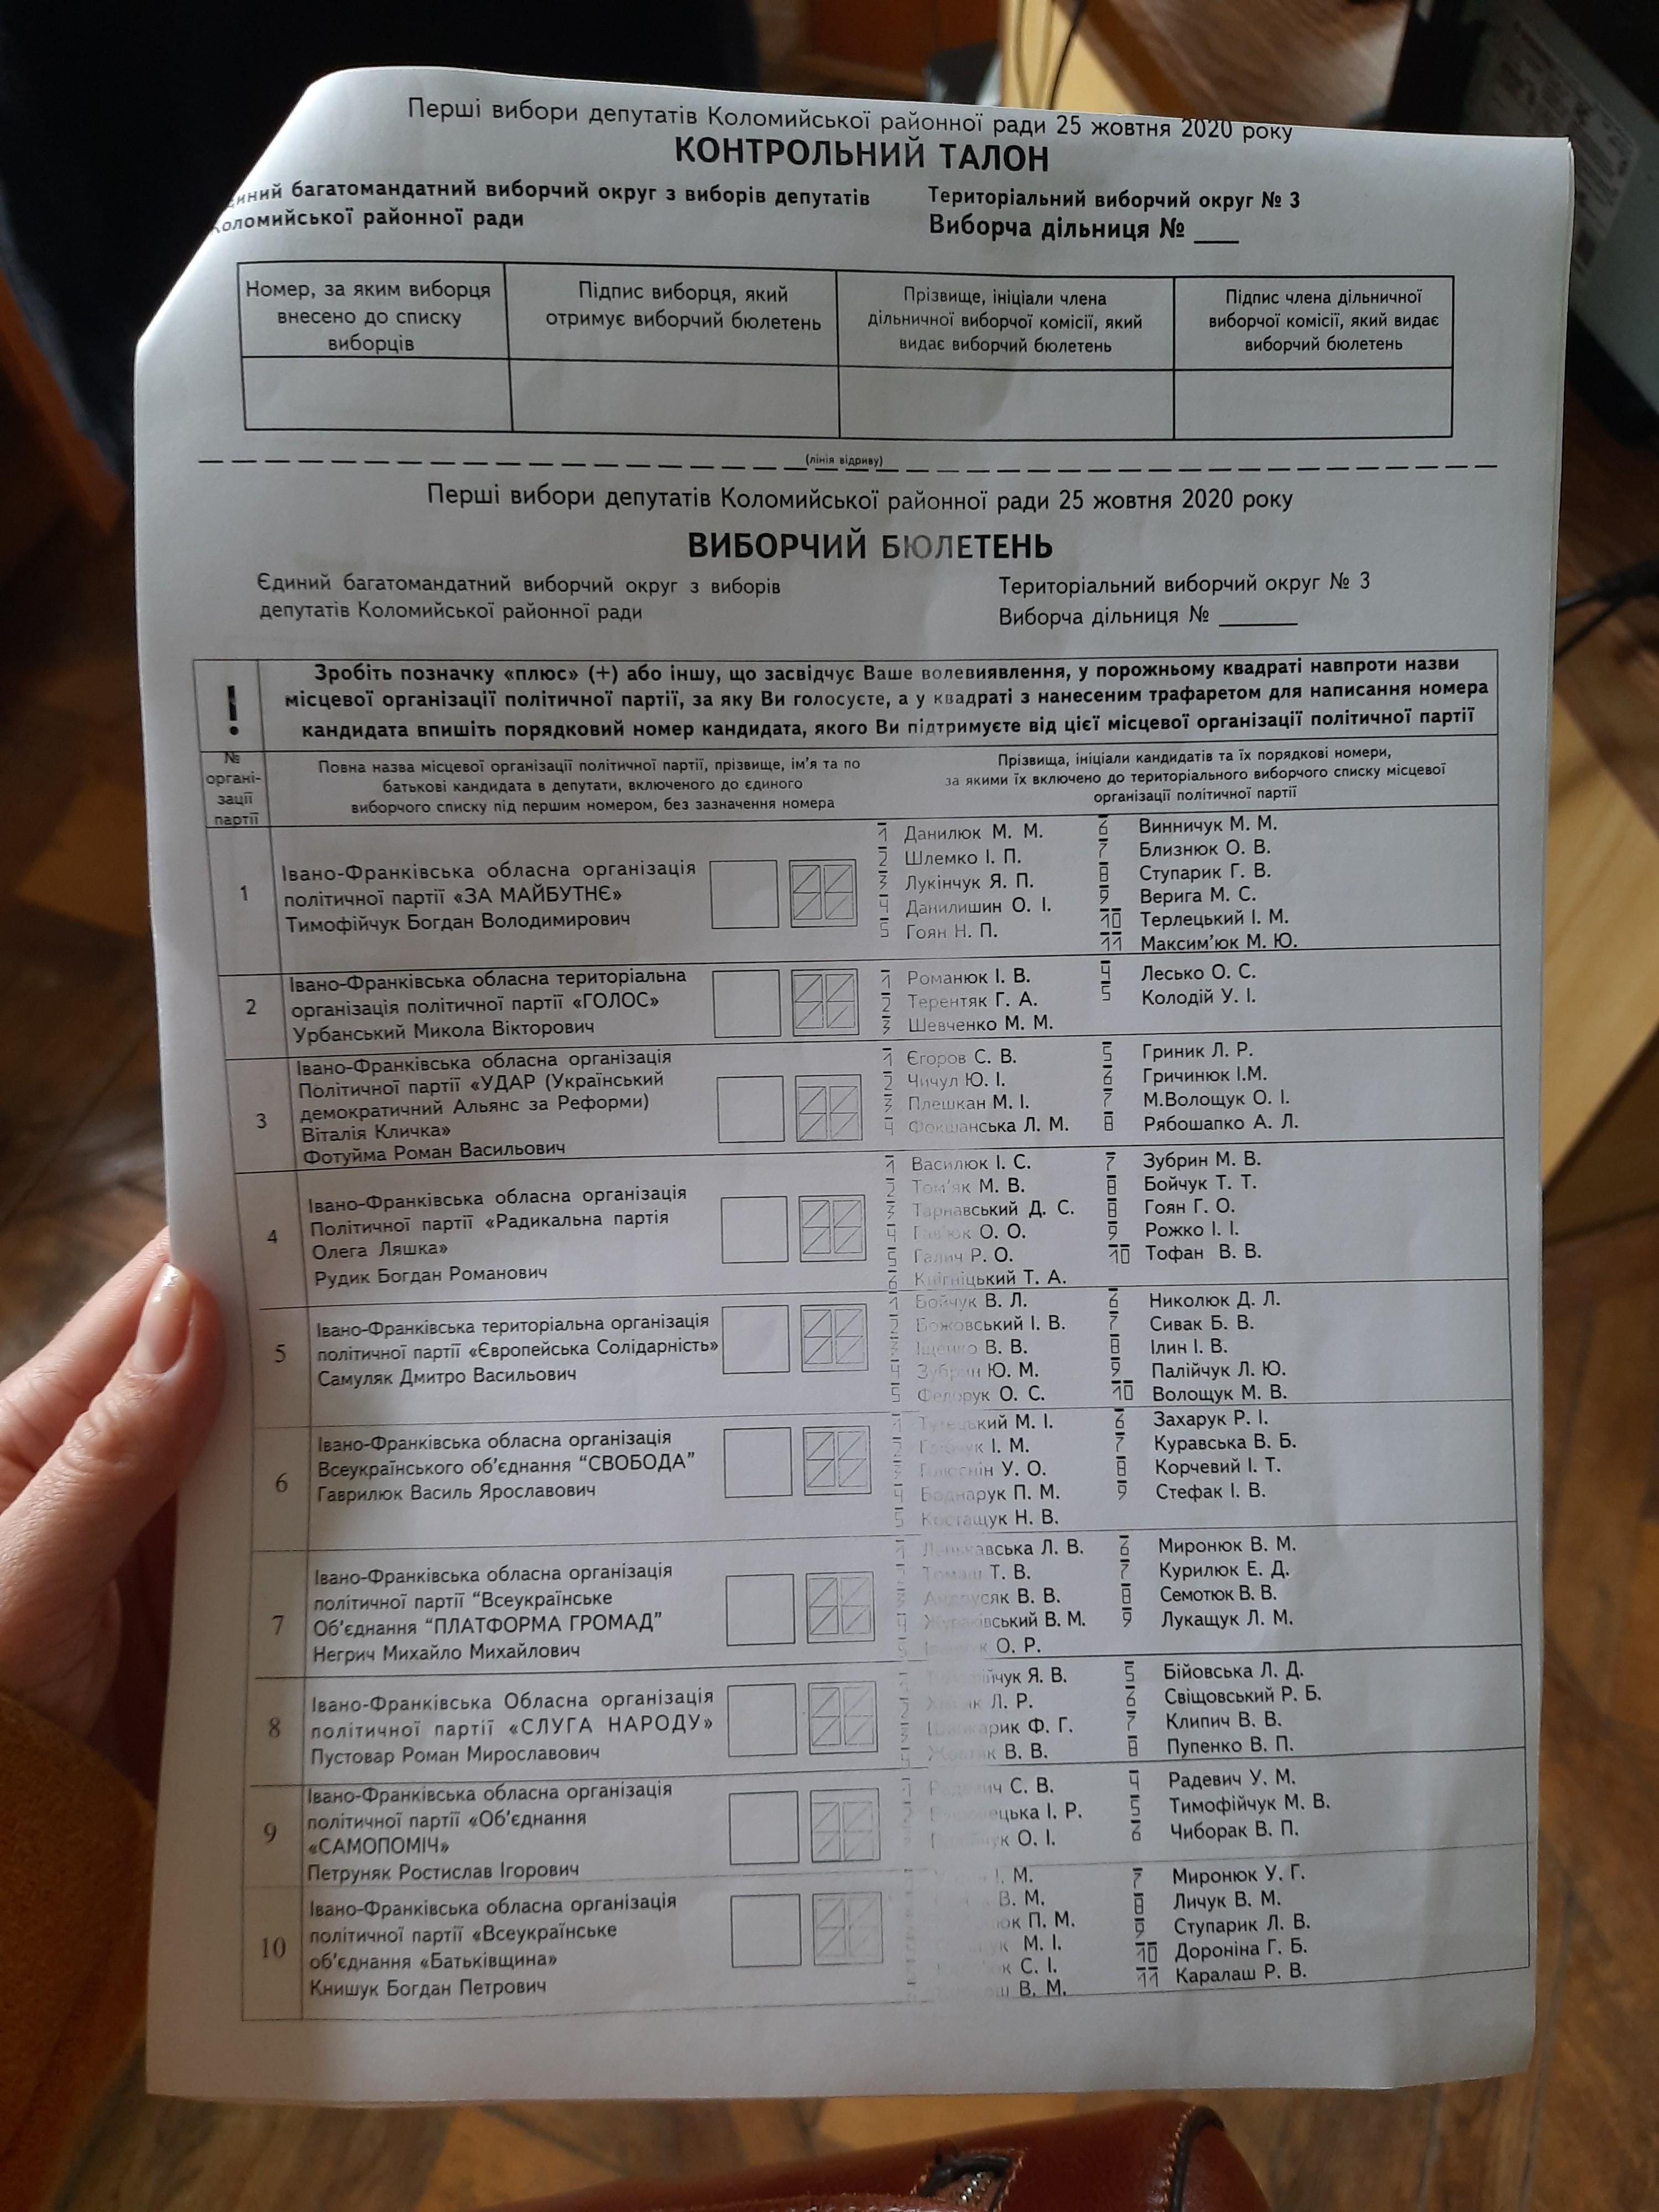 Вибори на Прикарпатті: у Коломиї та Надвірній передруковували бюлетені, через помилку членів ТВК